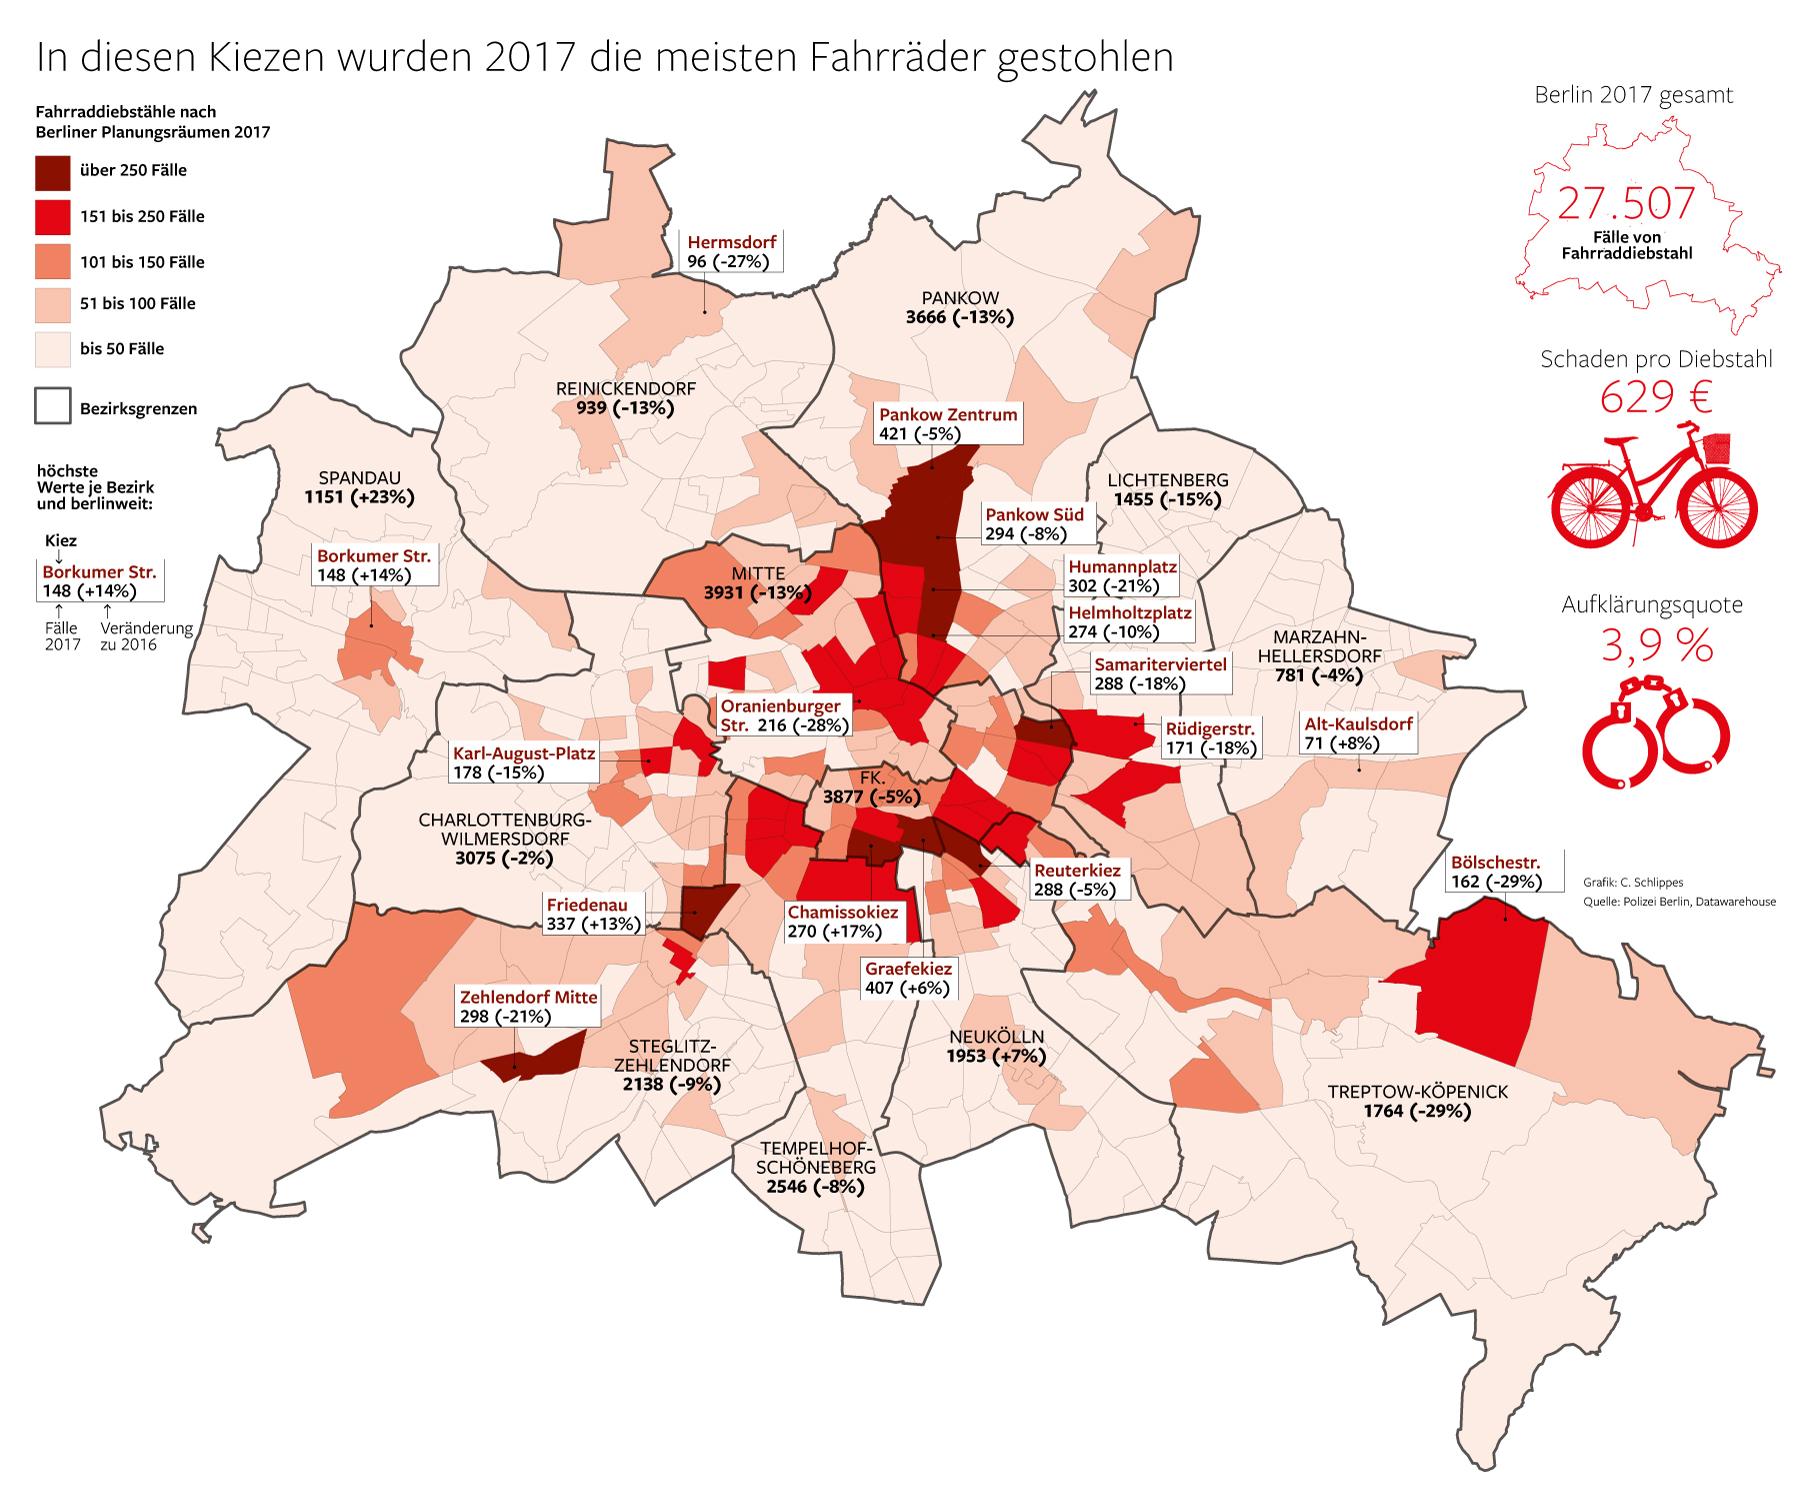 Fahrraddiebstahl Statistik